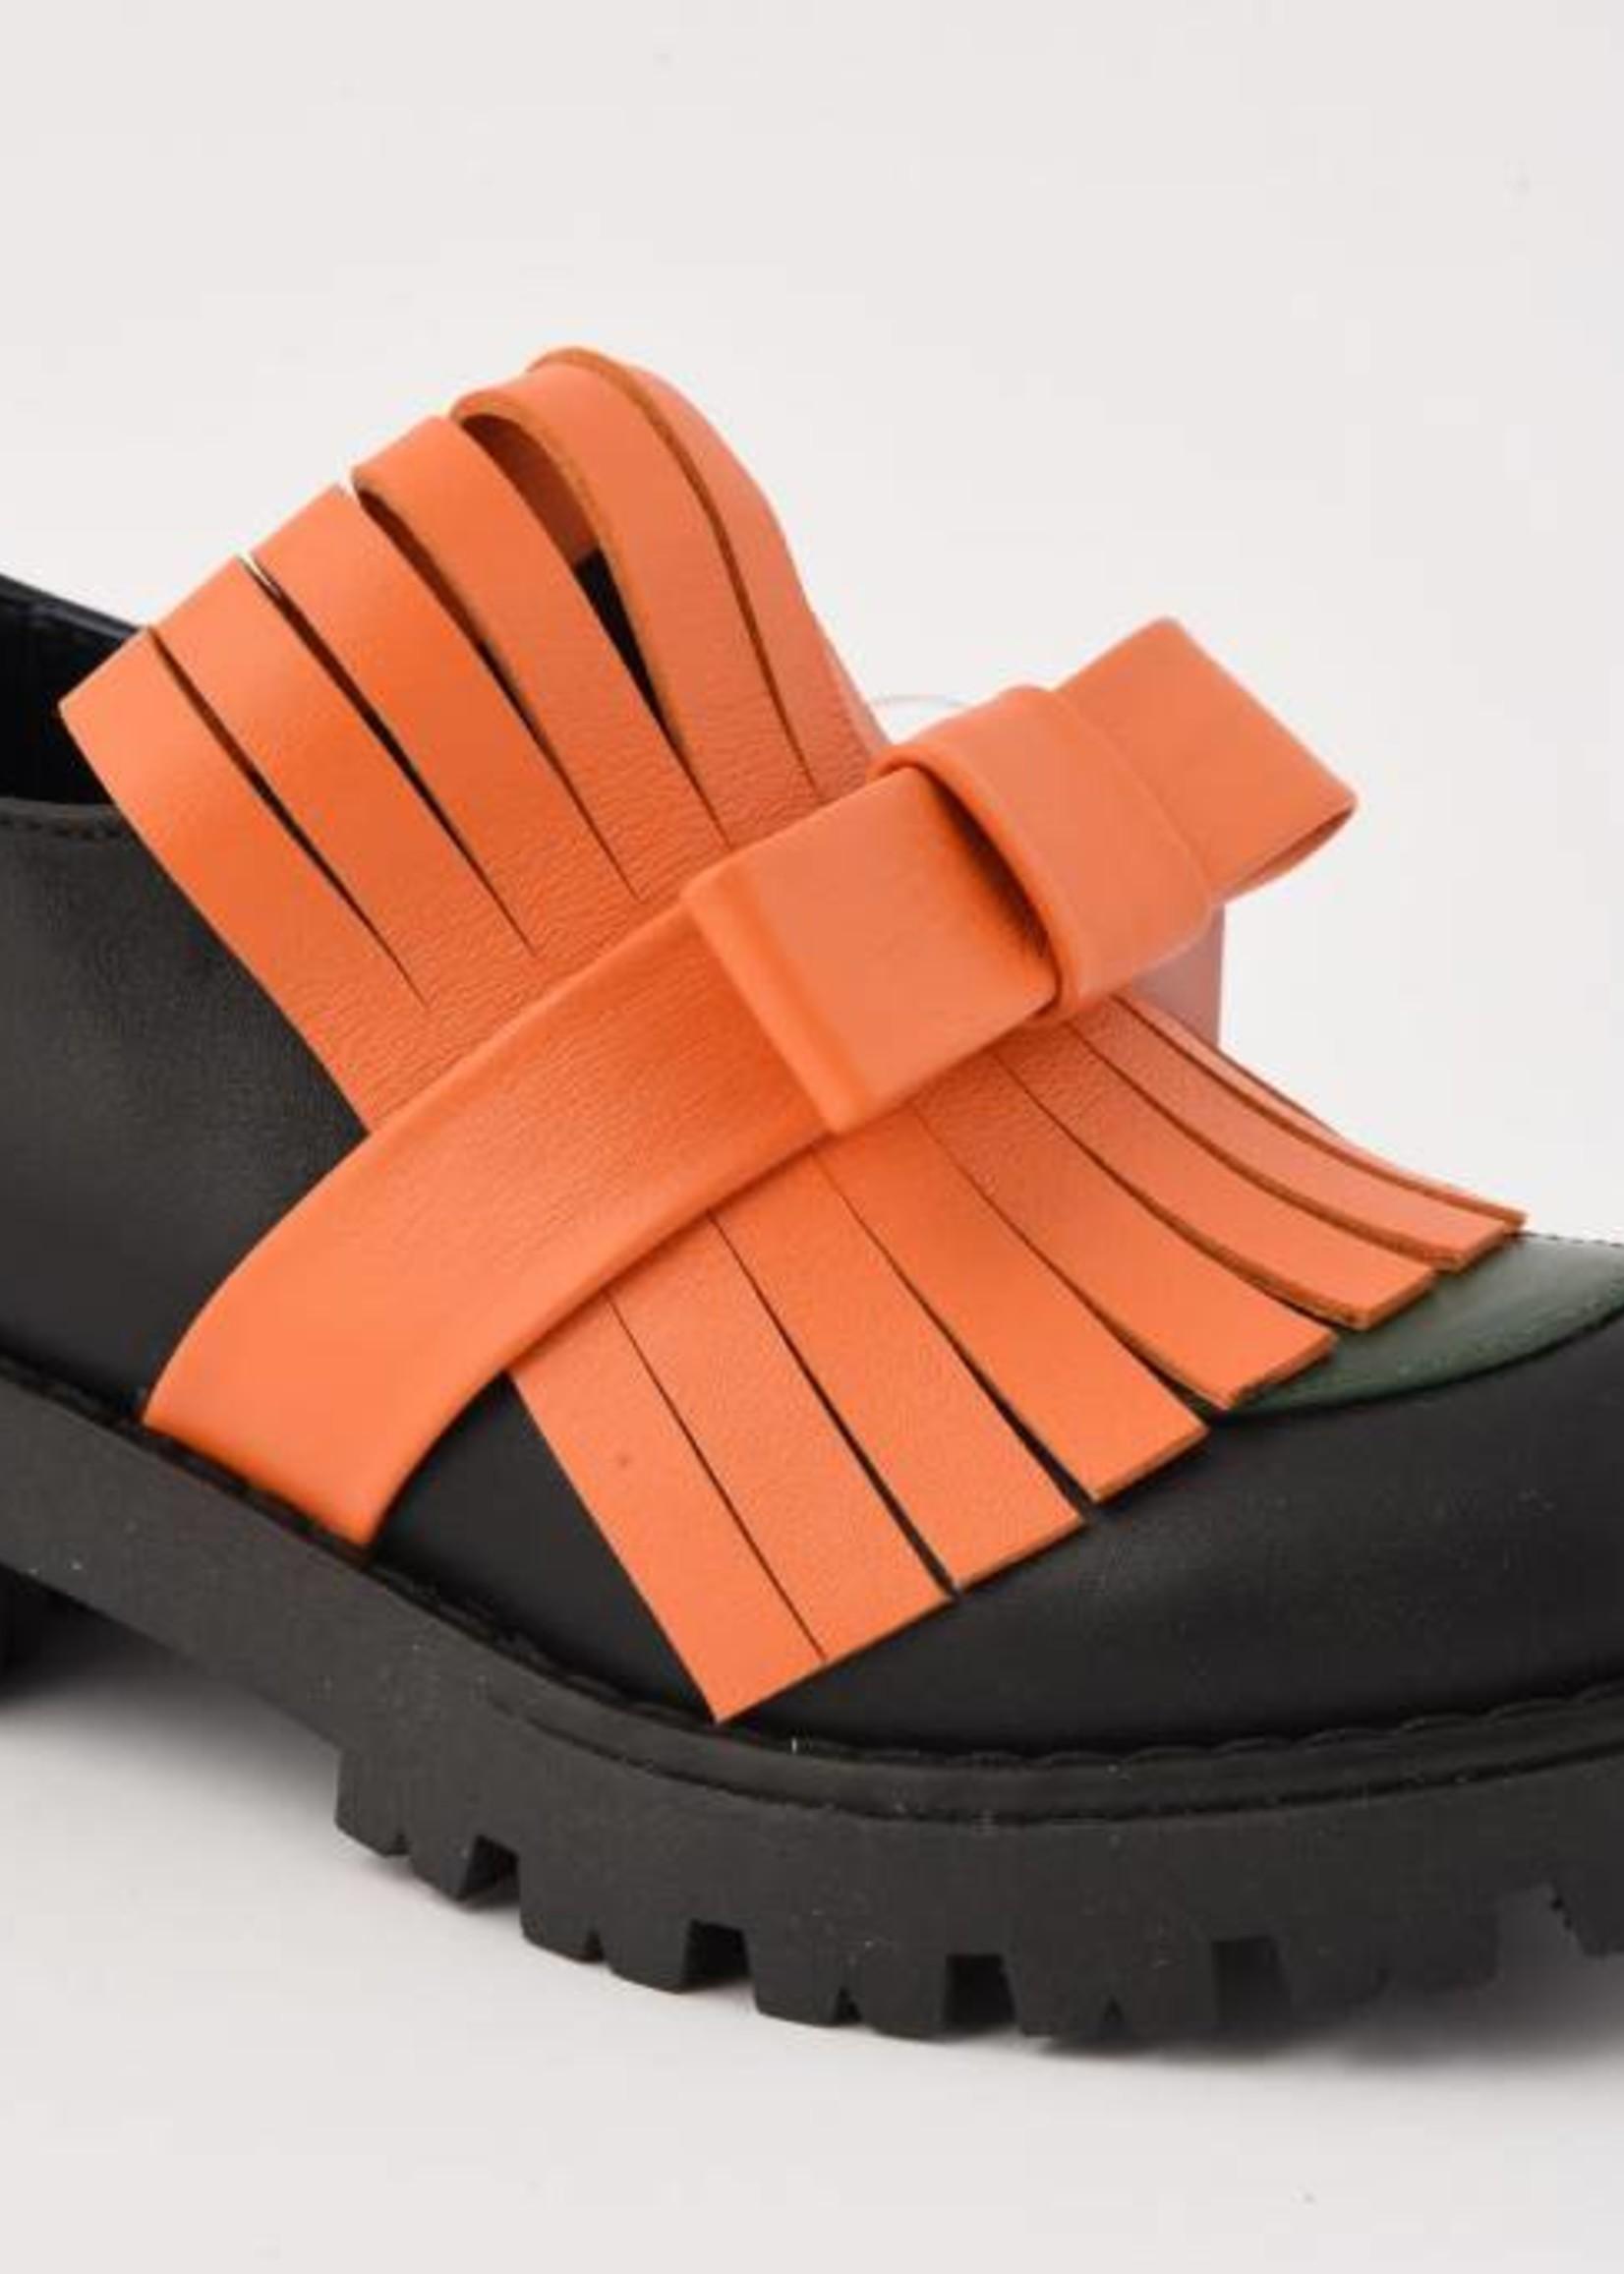 Marni Marni Shoes